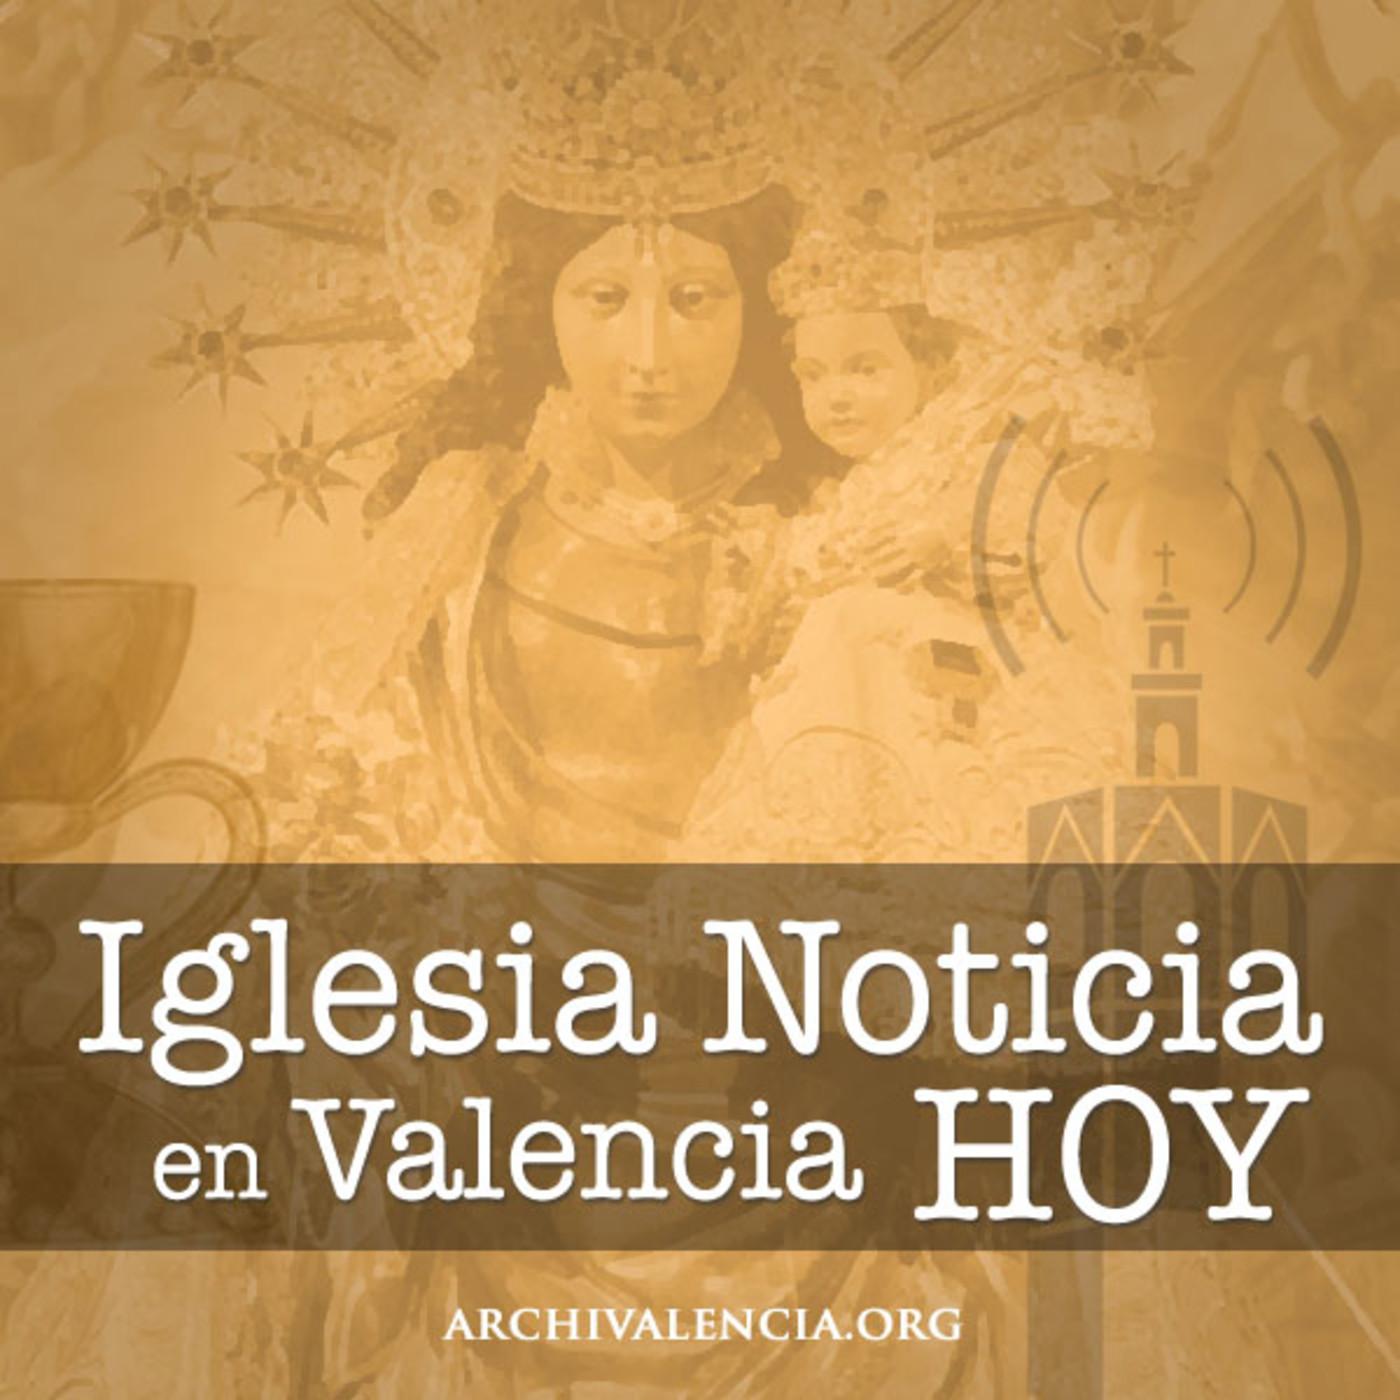 Iglesia Noticia en Valencia Hoy - 20 de octubre de 2020